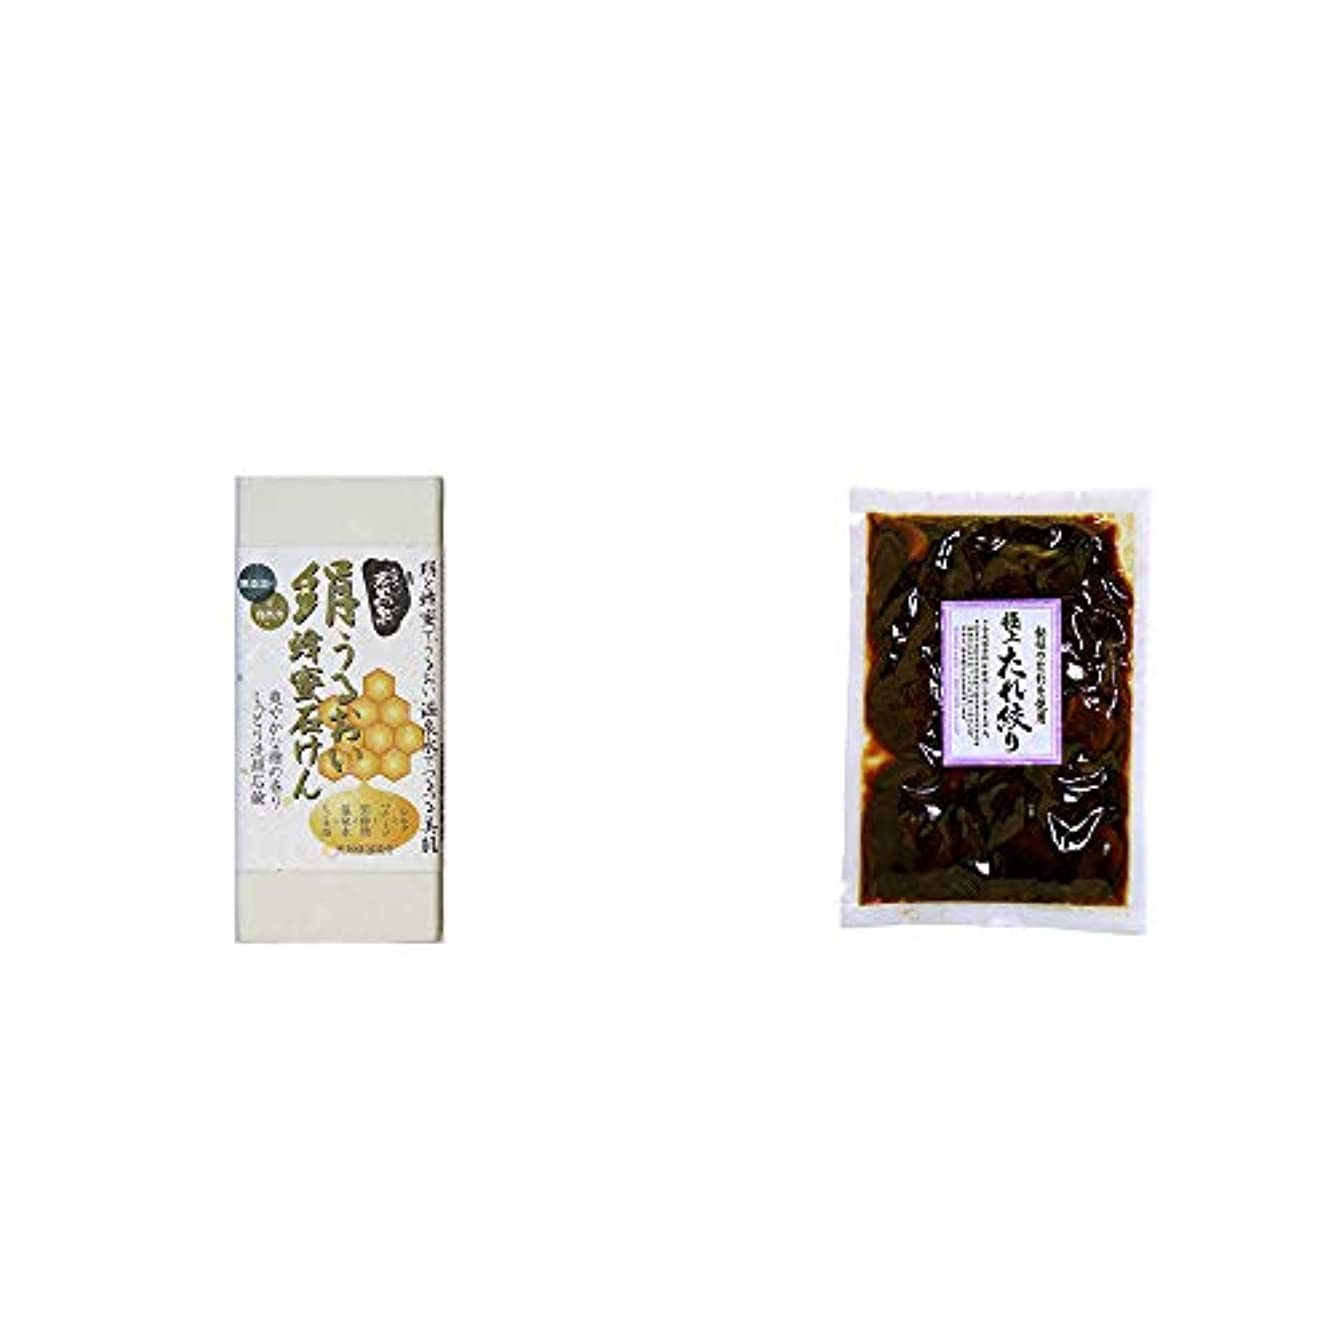 アウター迷路スカート[2点セット] ひのき炭黒泉 絹うるおい蜂蜜石けん(75g×2)?国産 極上たれ絞り(250g)